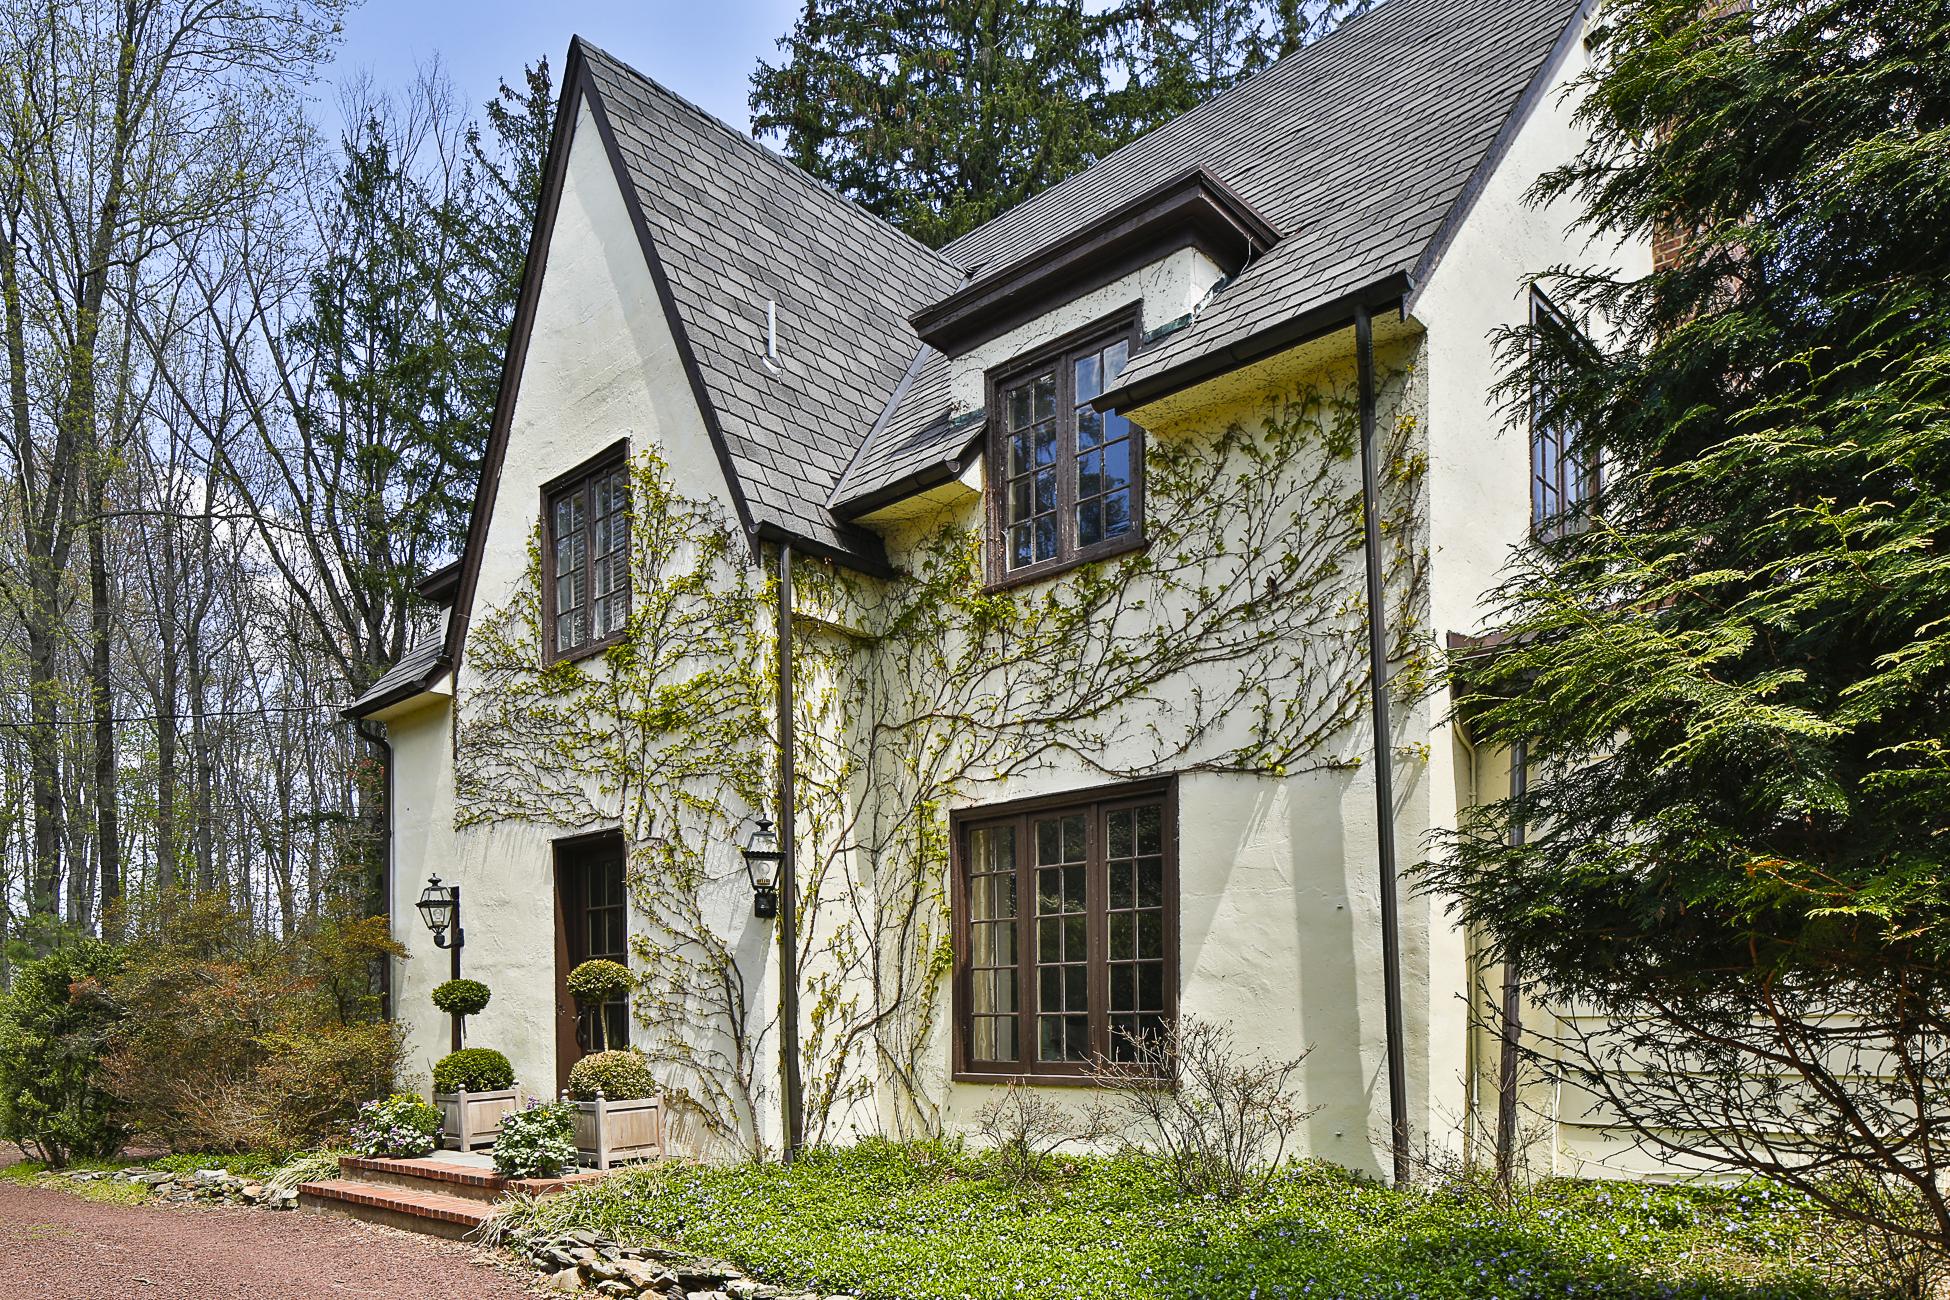 Maison unifamiliale pour l Vente à Enchanting Tudor in Storybook Setting - Lawrence Township 188 Carter Road Princeton, New Jersey 08540 États-Unis